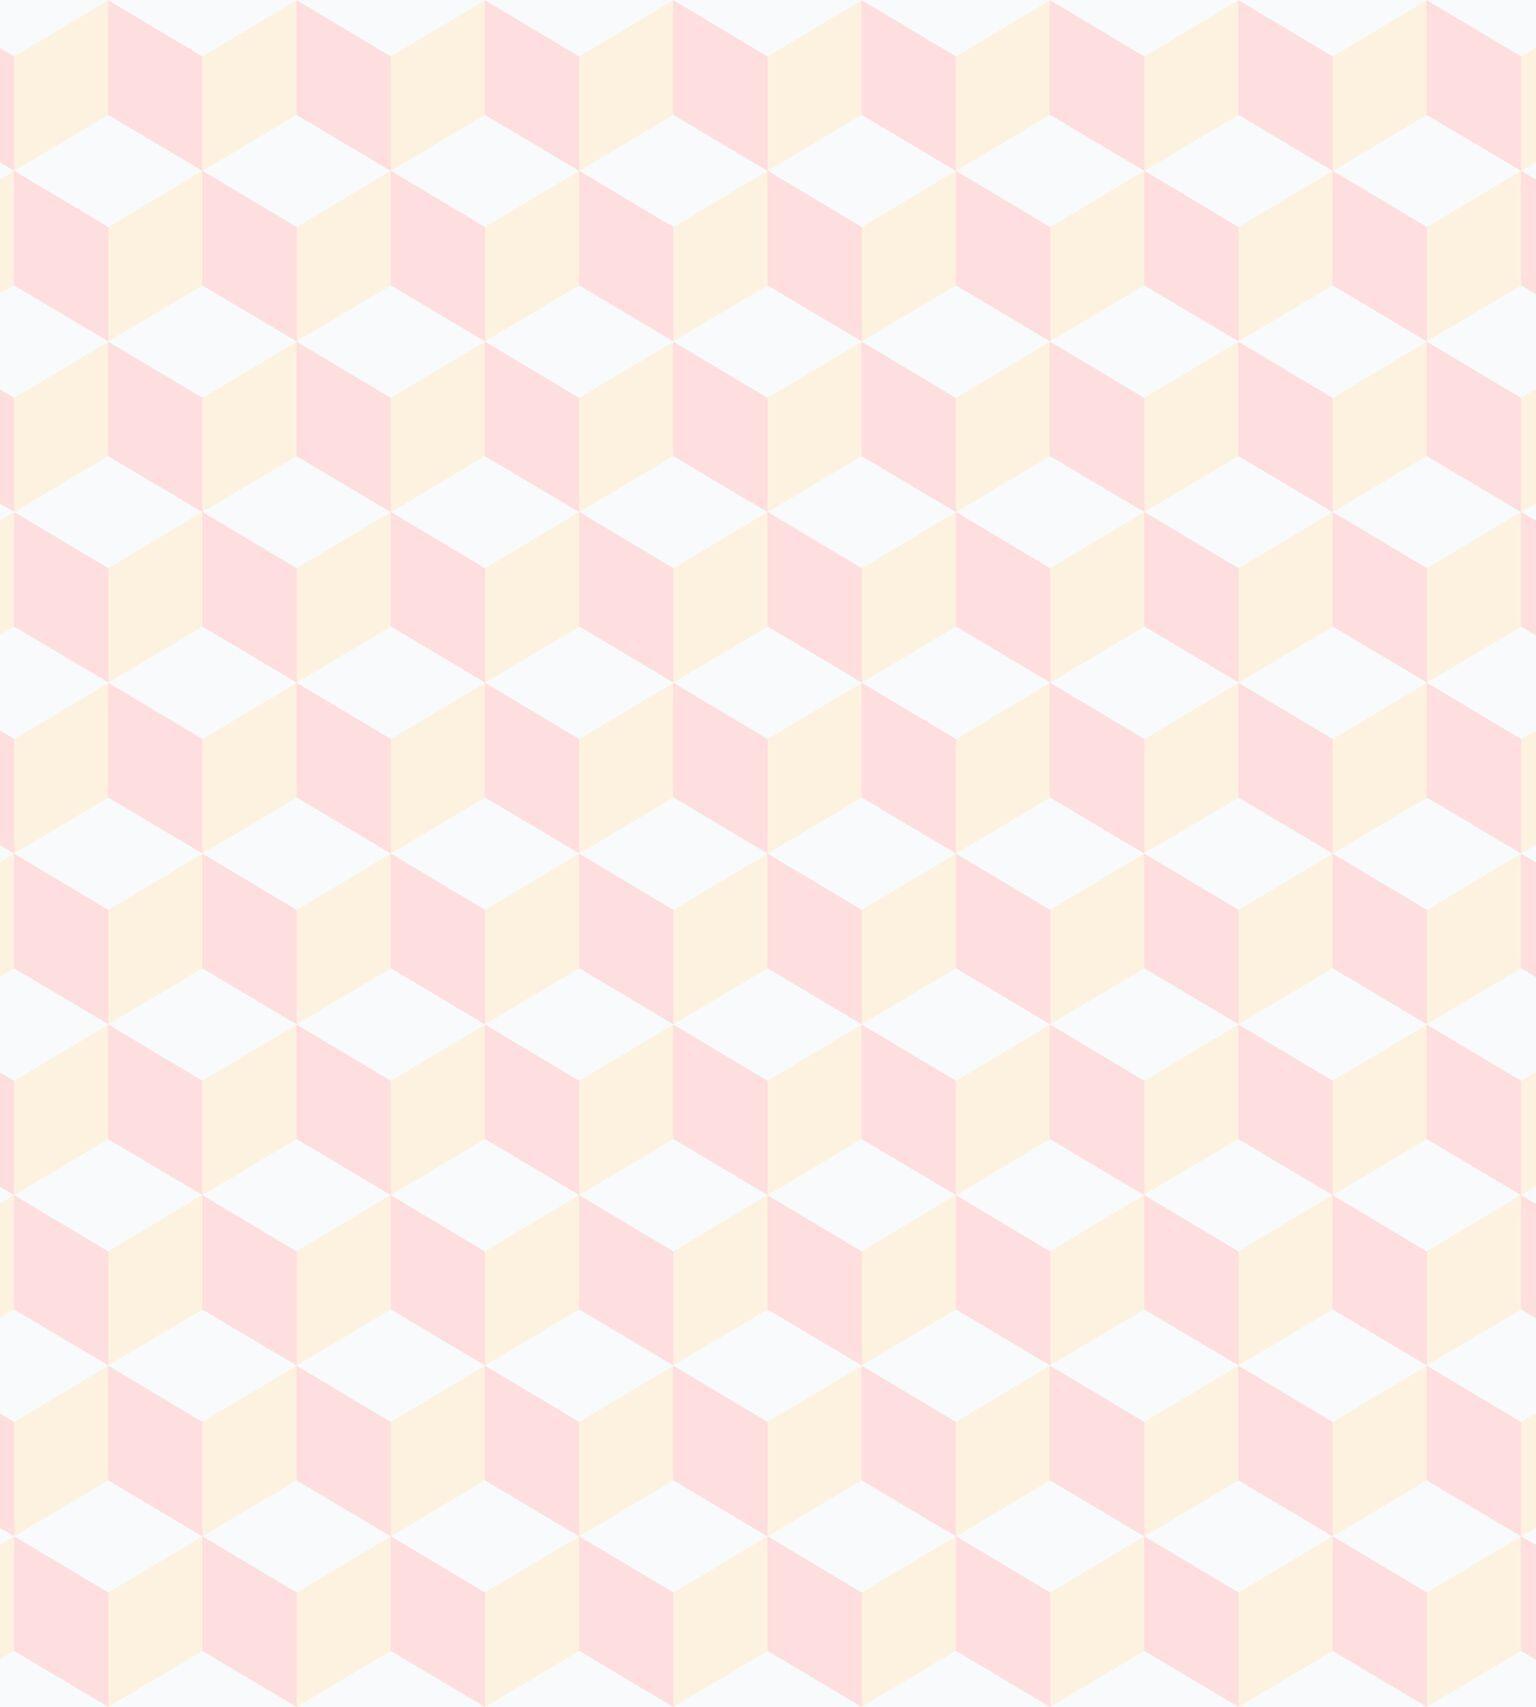 Papel de Parede Infantil Bobinex Vinílico Coleção Brincar Geométrico Rosa, Bege, Branco